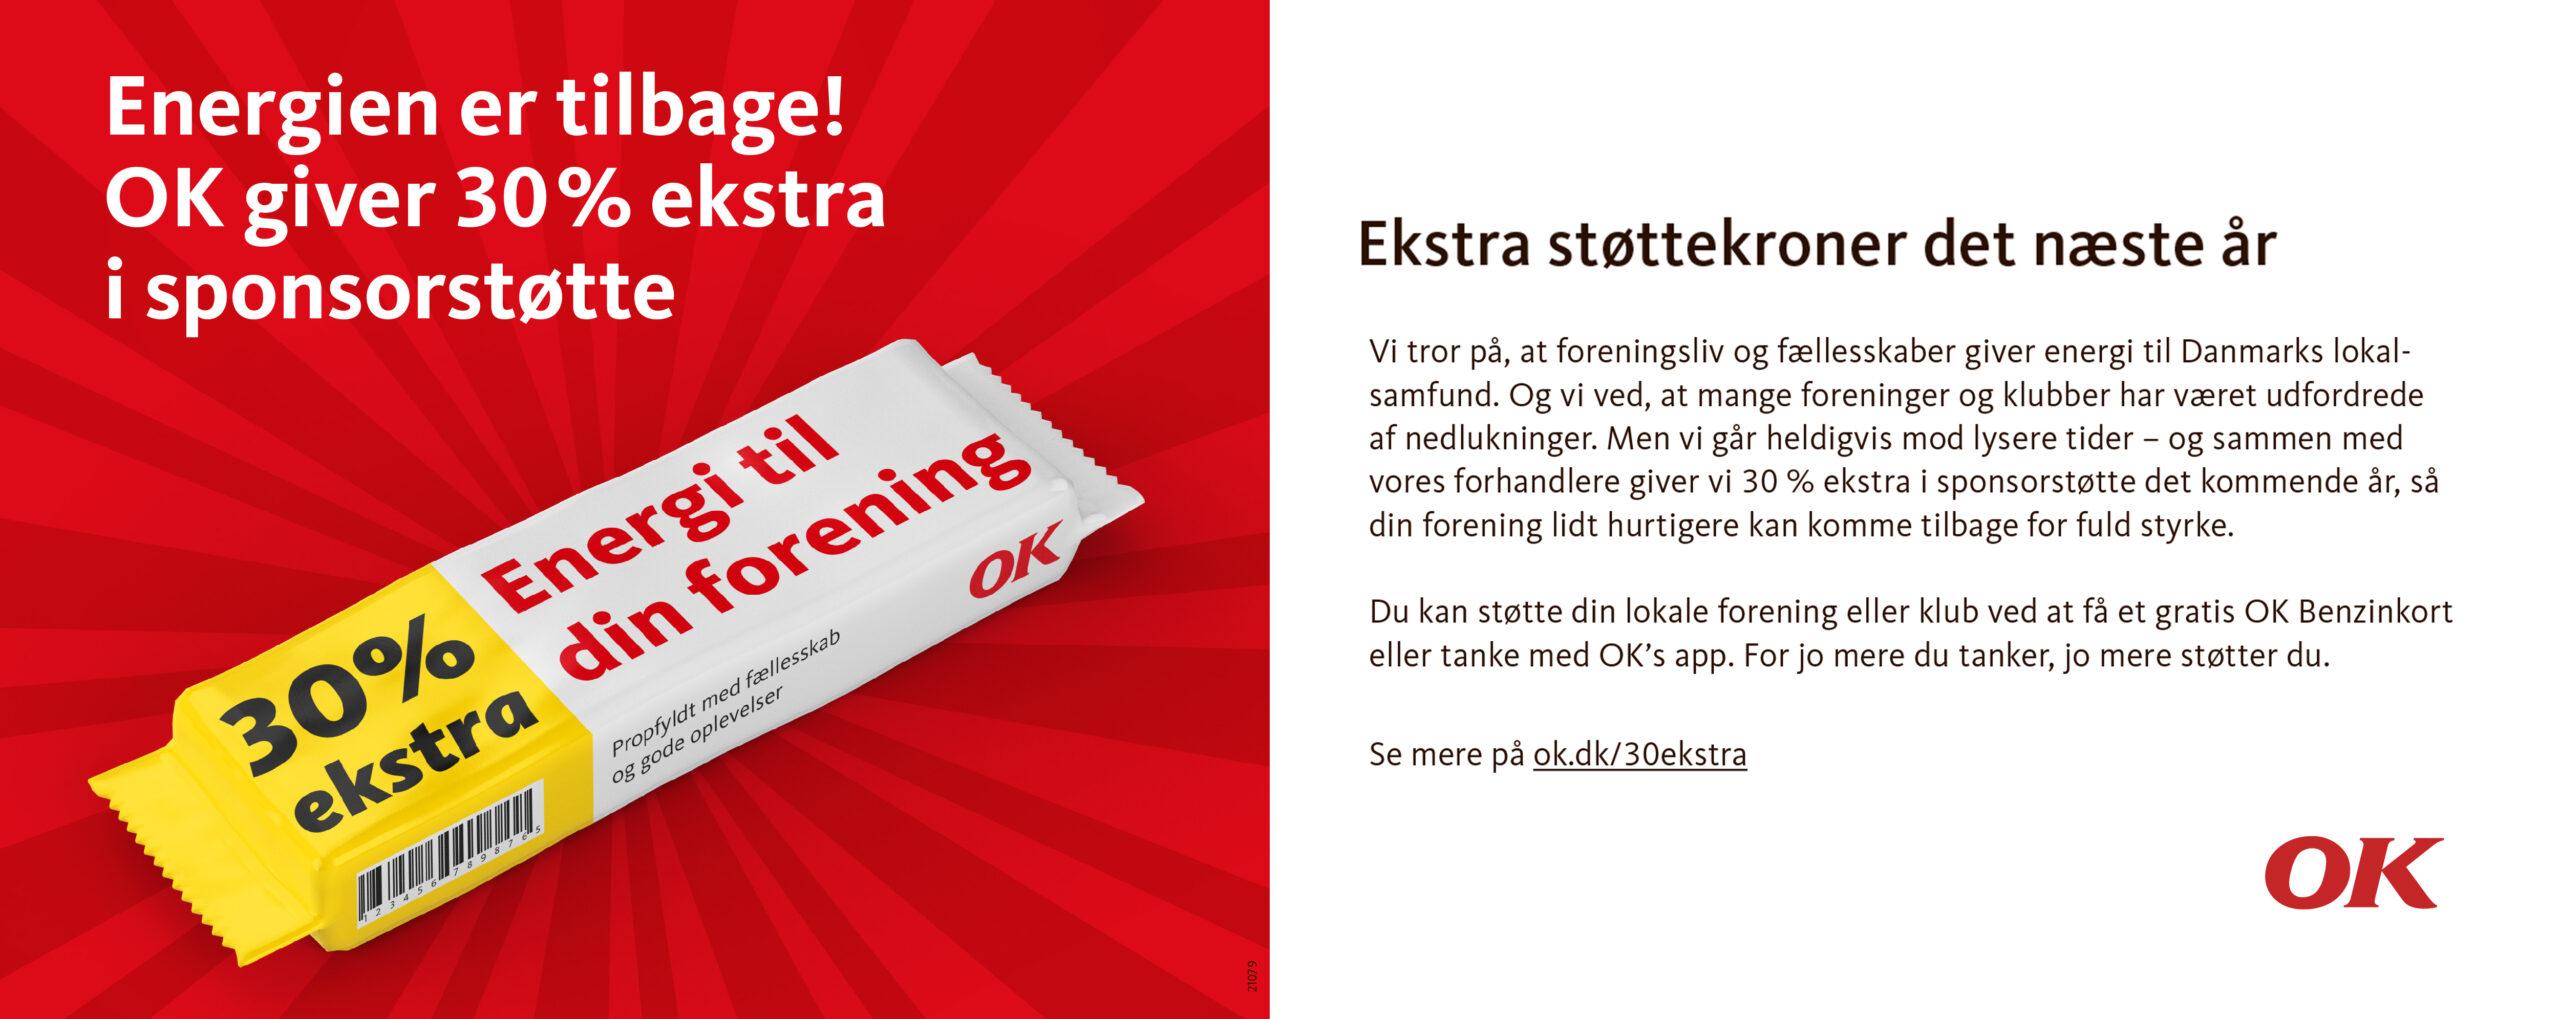 http://b-b-k.dk.linux95.unoeuro-server.com/wp-content/uploads/2021/05/OK-30-procent-ekstra-i-sponsorstoette_21-scaled.jpg